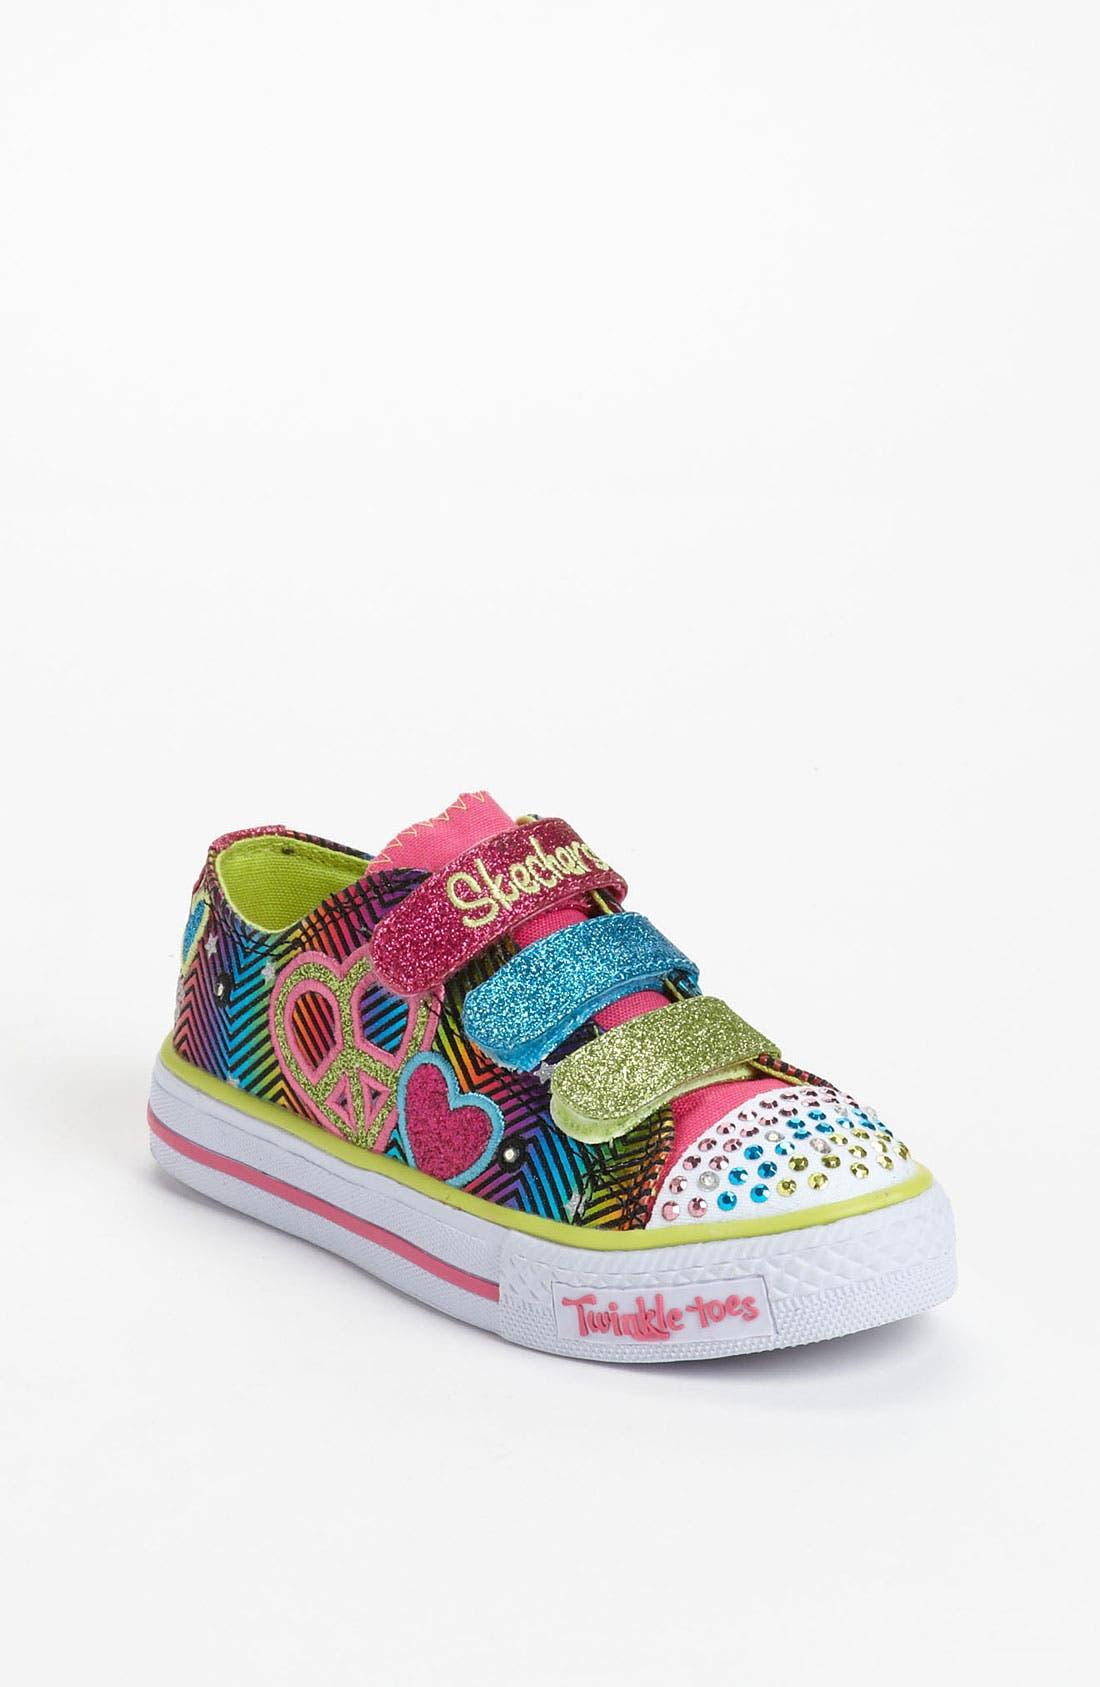 Alternate Image 1 Selected - SKECHERS 'Shuffles - Baby Luv' Sneaker (Toddler & Little Kid)